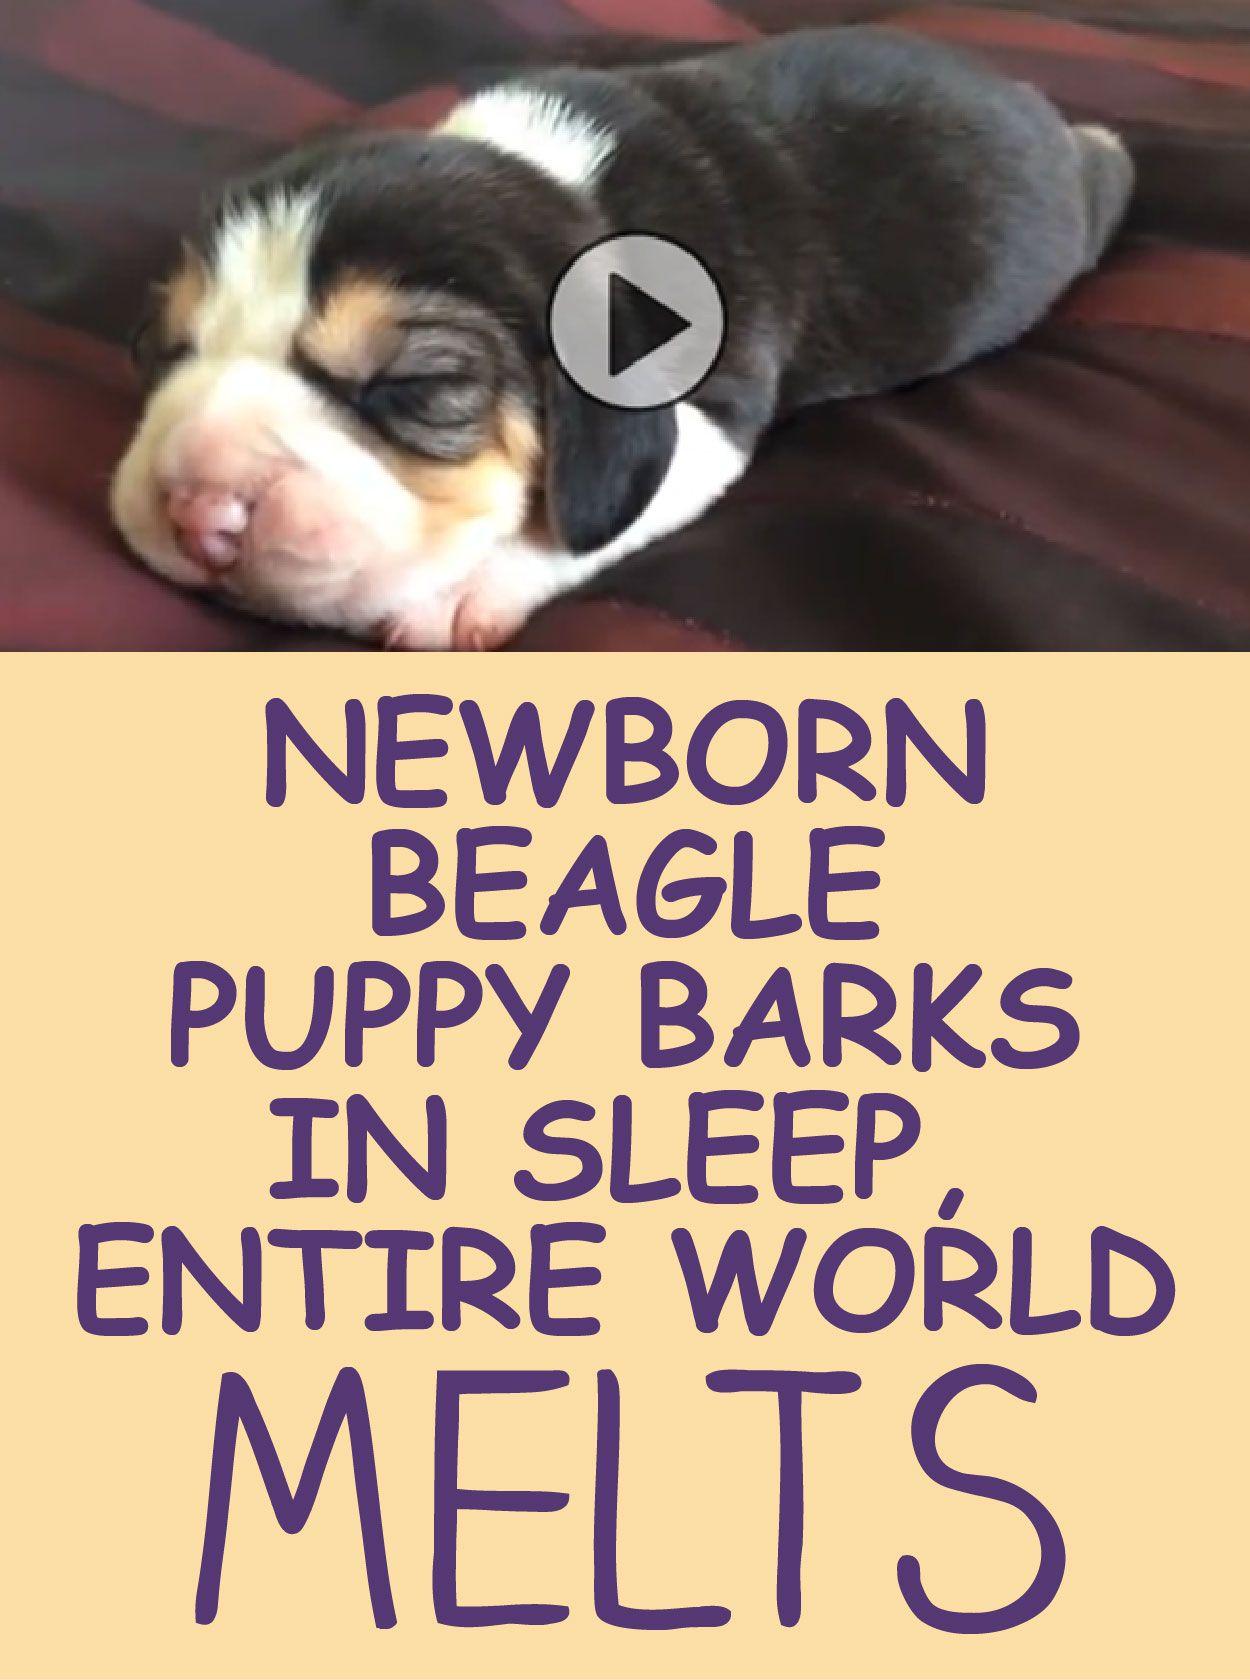 Newborn Beagle Puppy Barks In Sleep Entire World Melts Beagle Puppy Puppy Barking Puppies